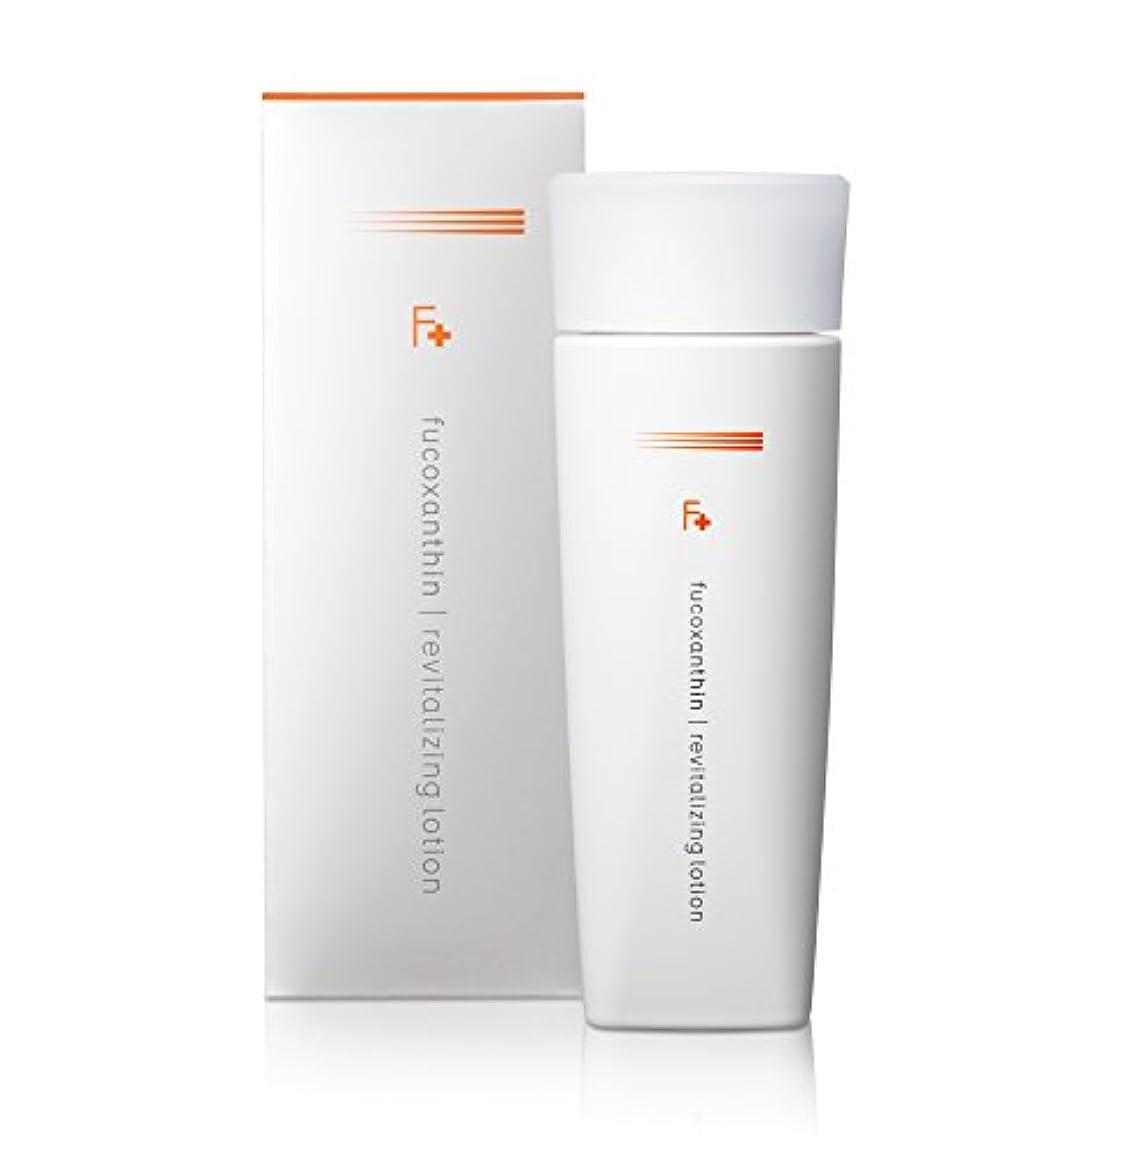 病鉱夫リフレッシュF+フコキサンチン リバイタライジングローション(化粧水) 120ml x 1本